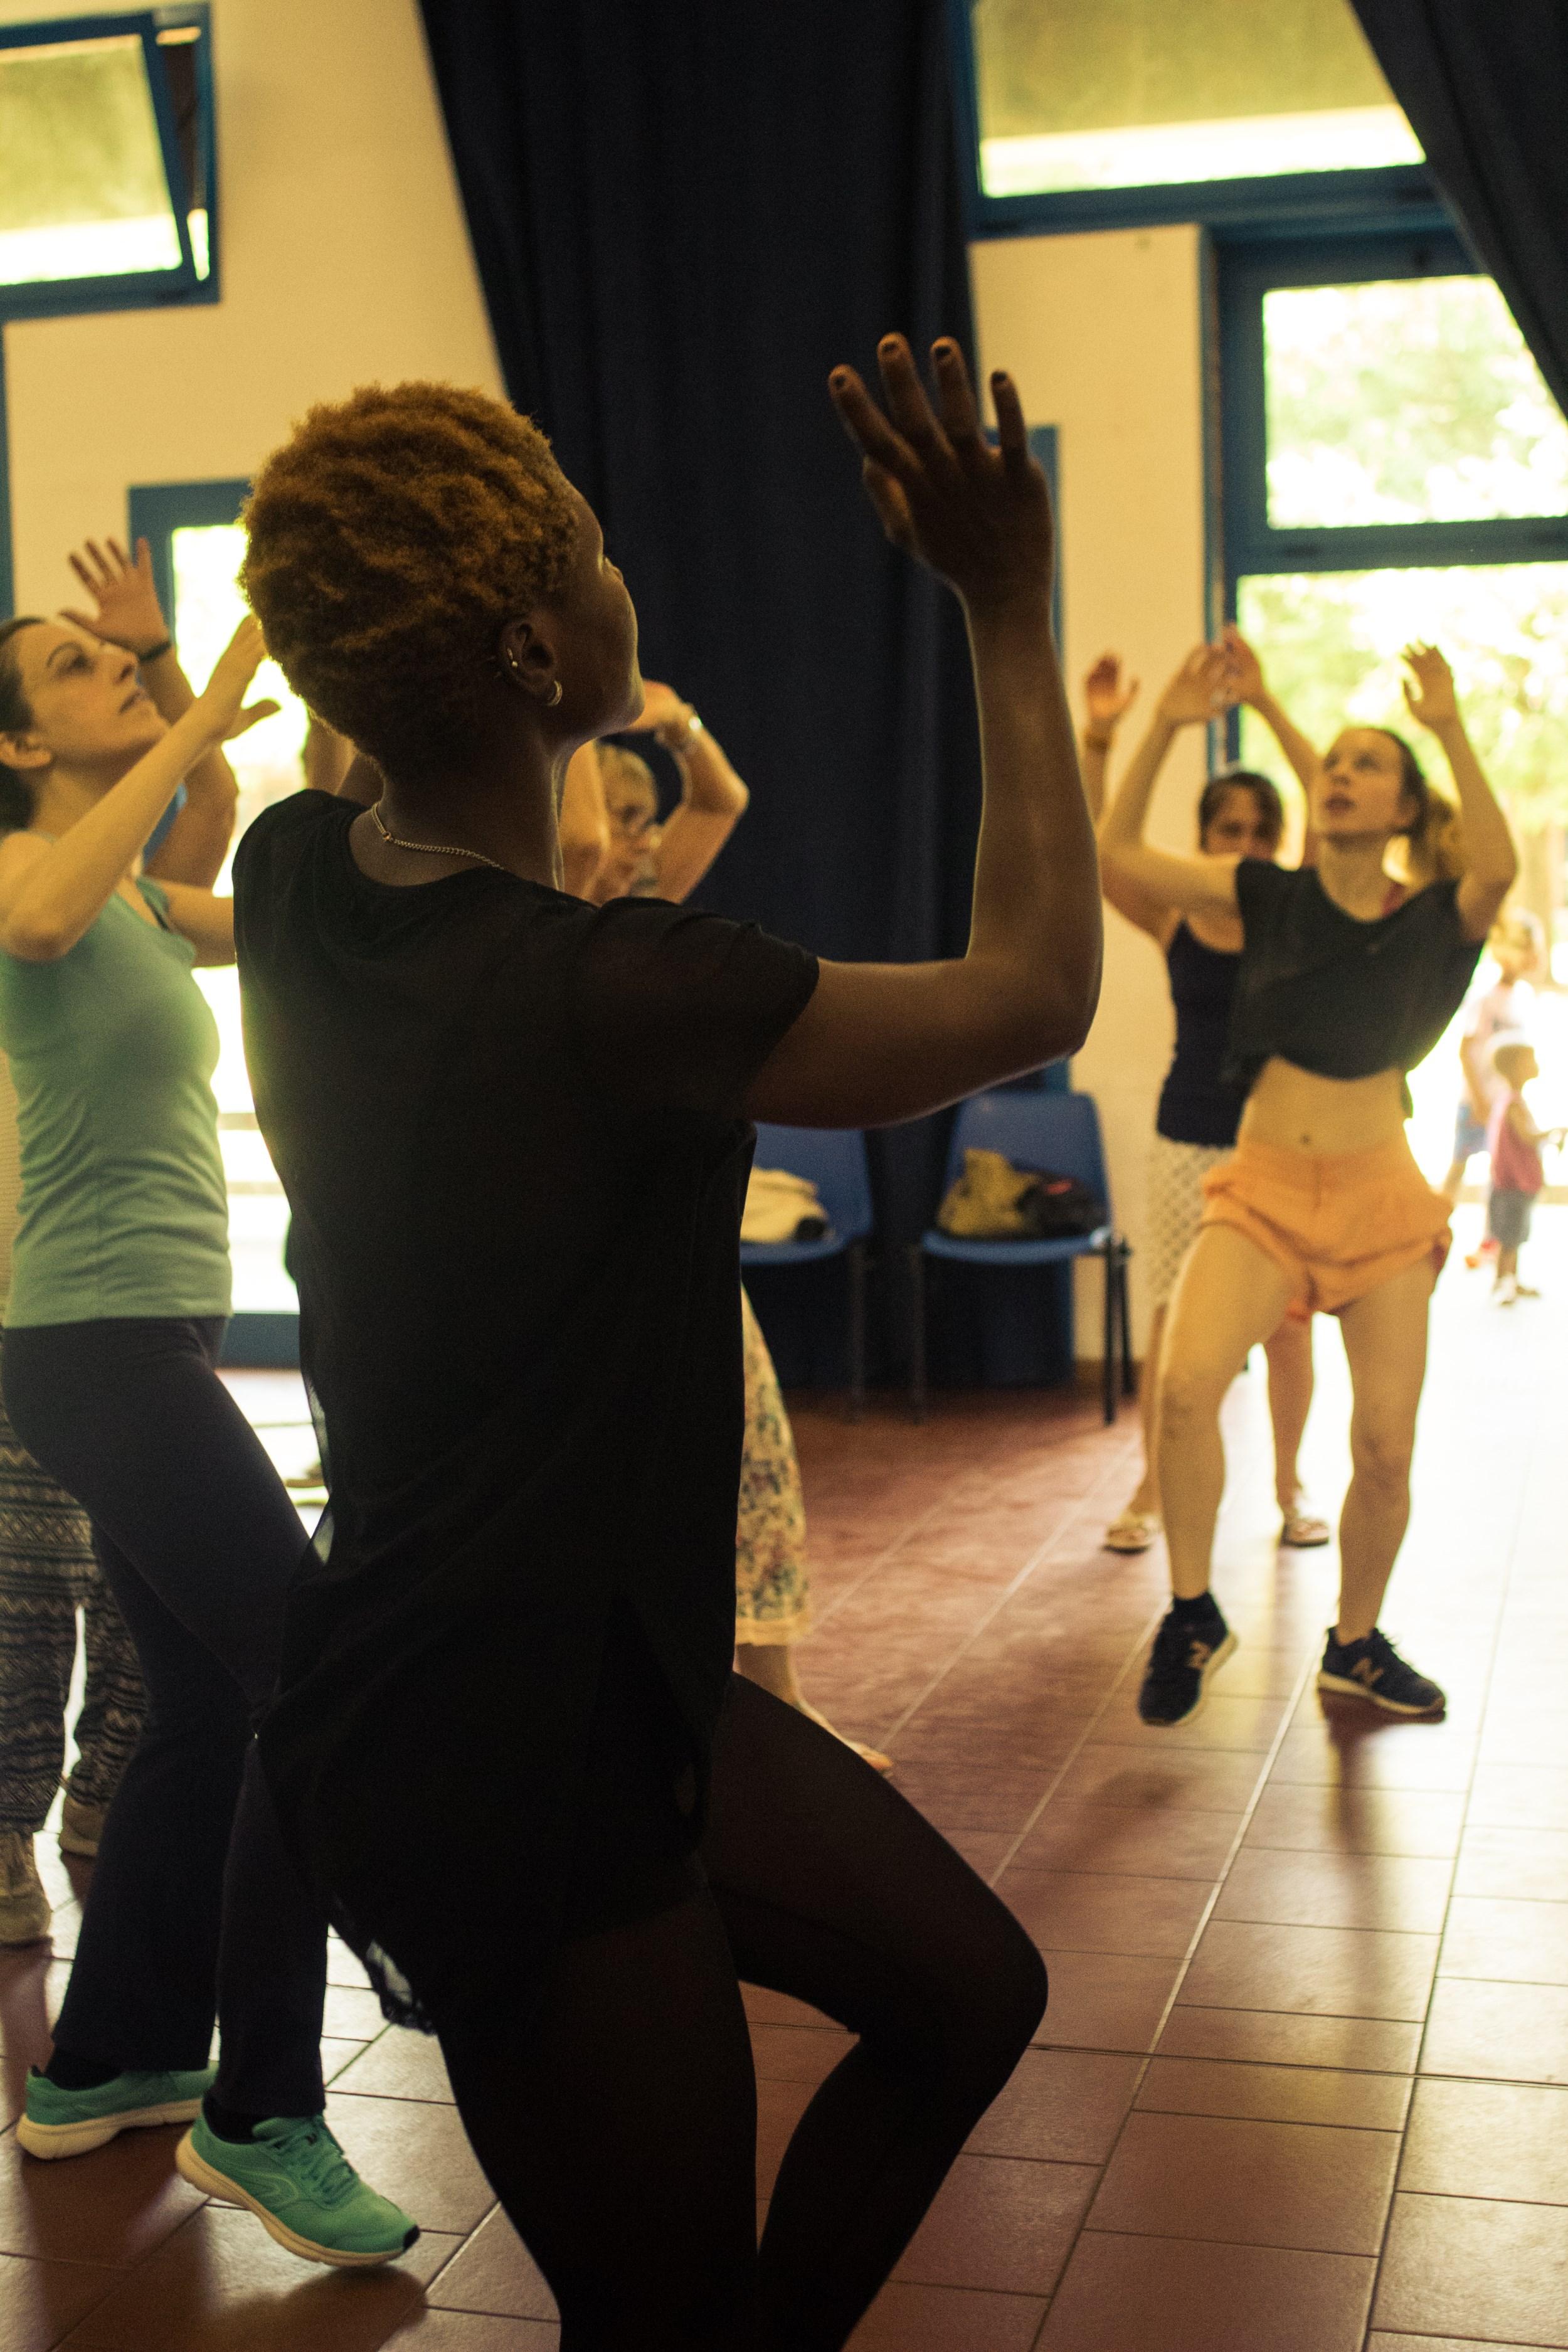 http://www.danzaurbana.eu/festival/wp-content/uploads/fotosettembre_163_resize.jpg